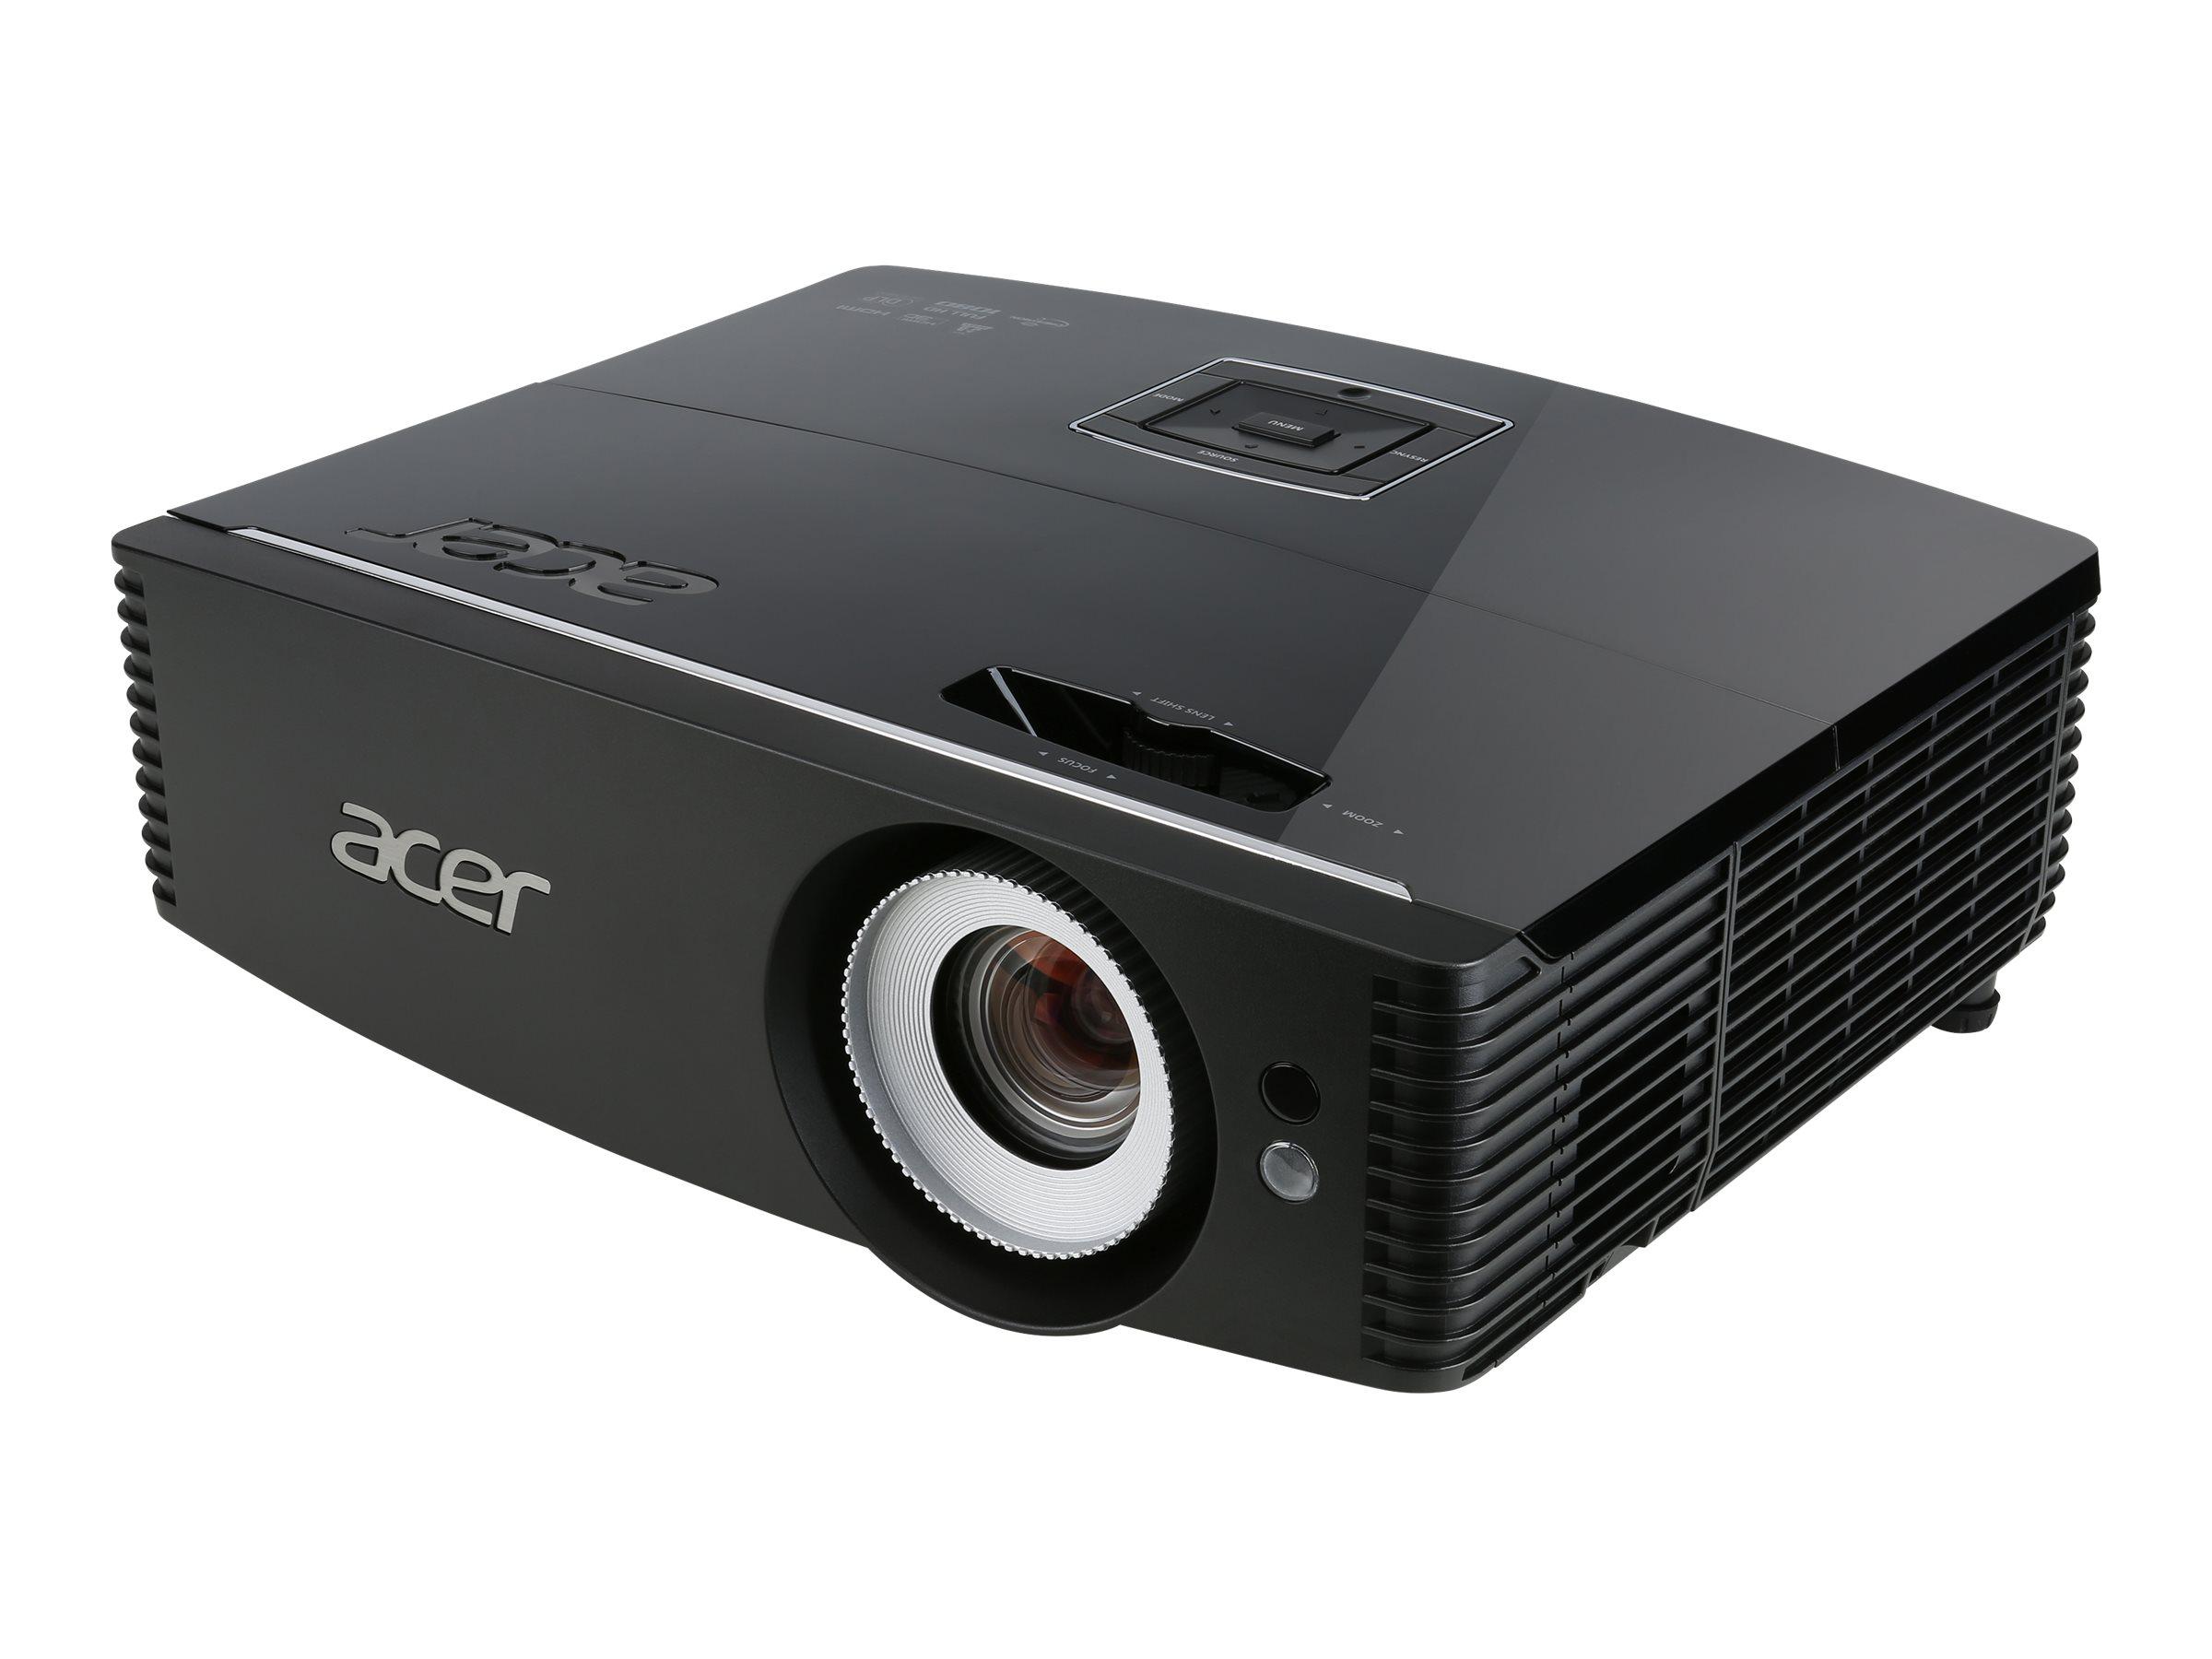 Acer P6500 - DLP projector - 3D